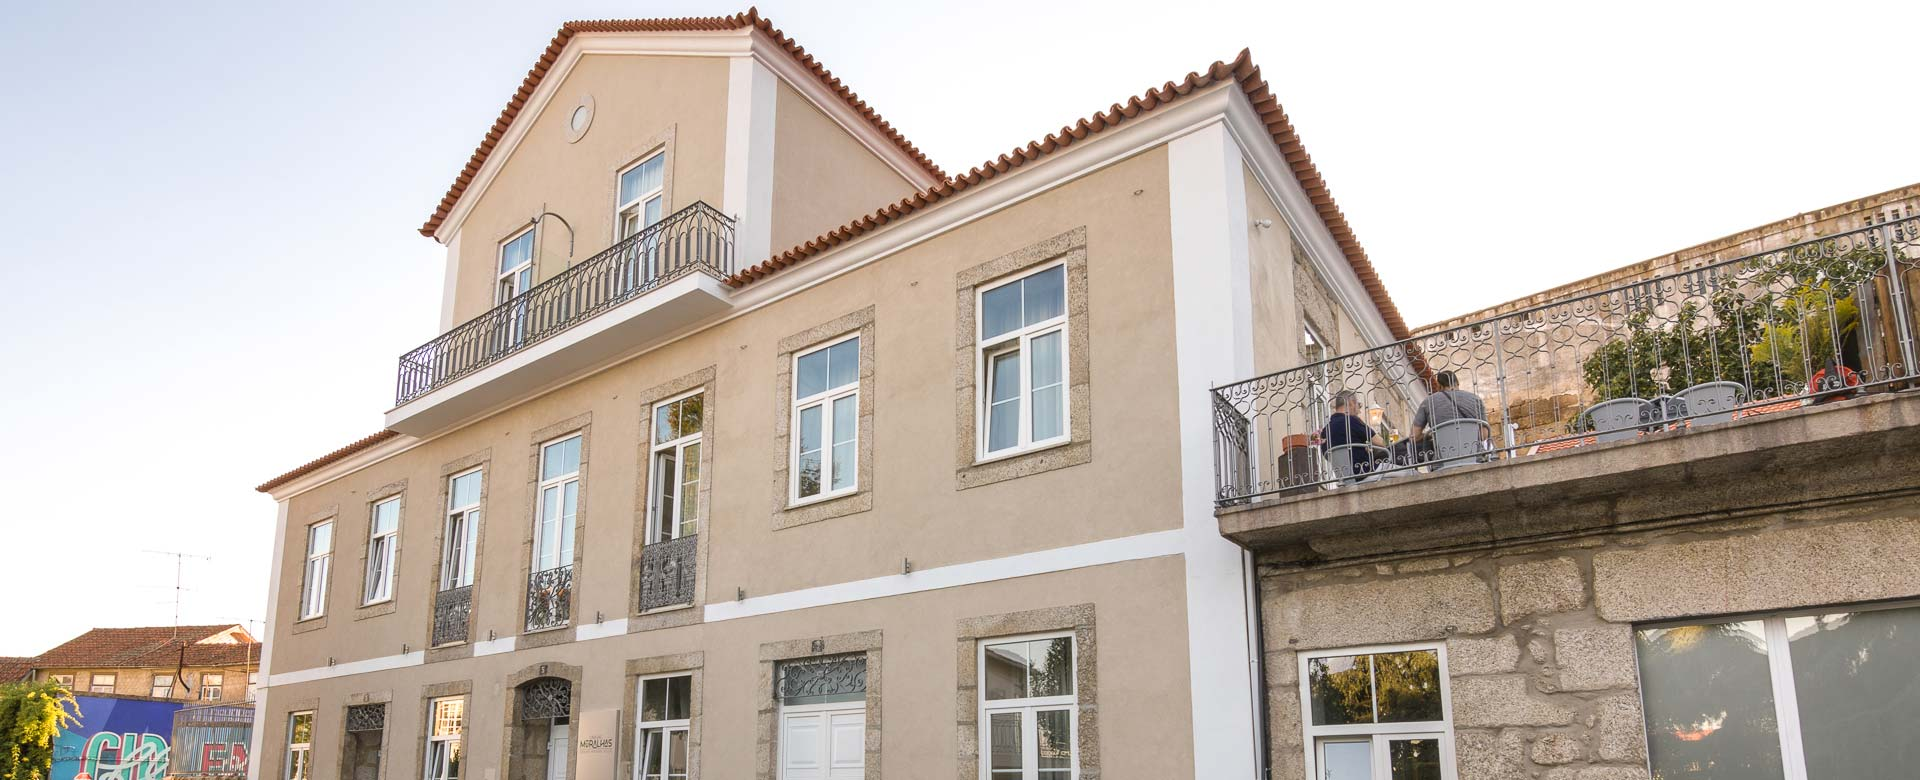 Finanças vão rever coeficientes de localização das casas para o IMI